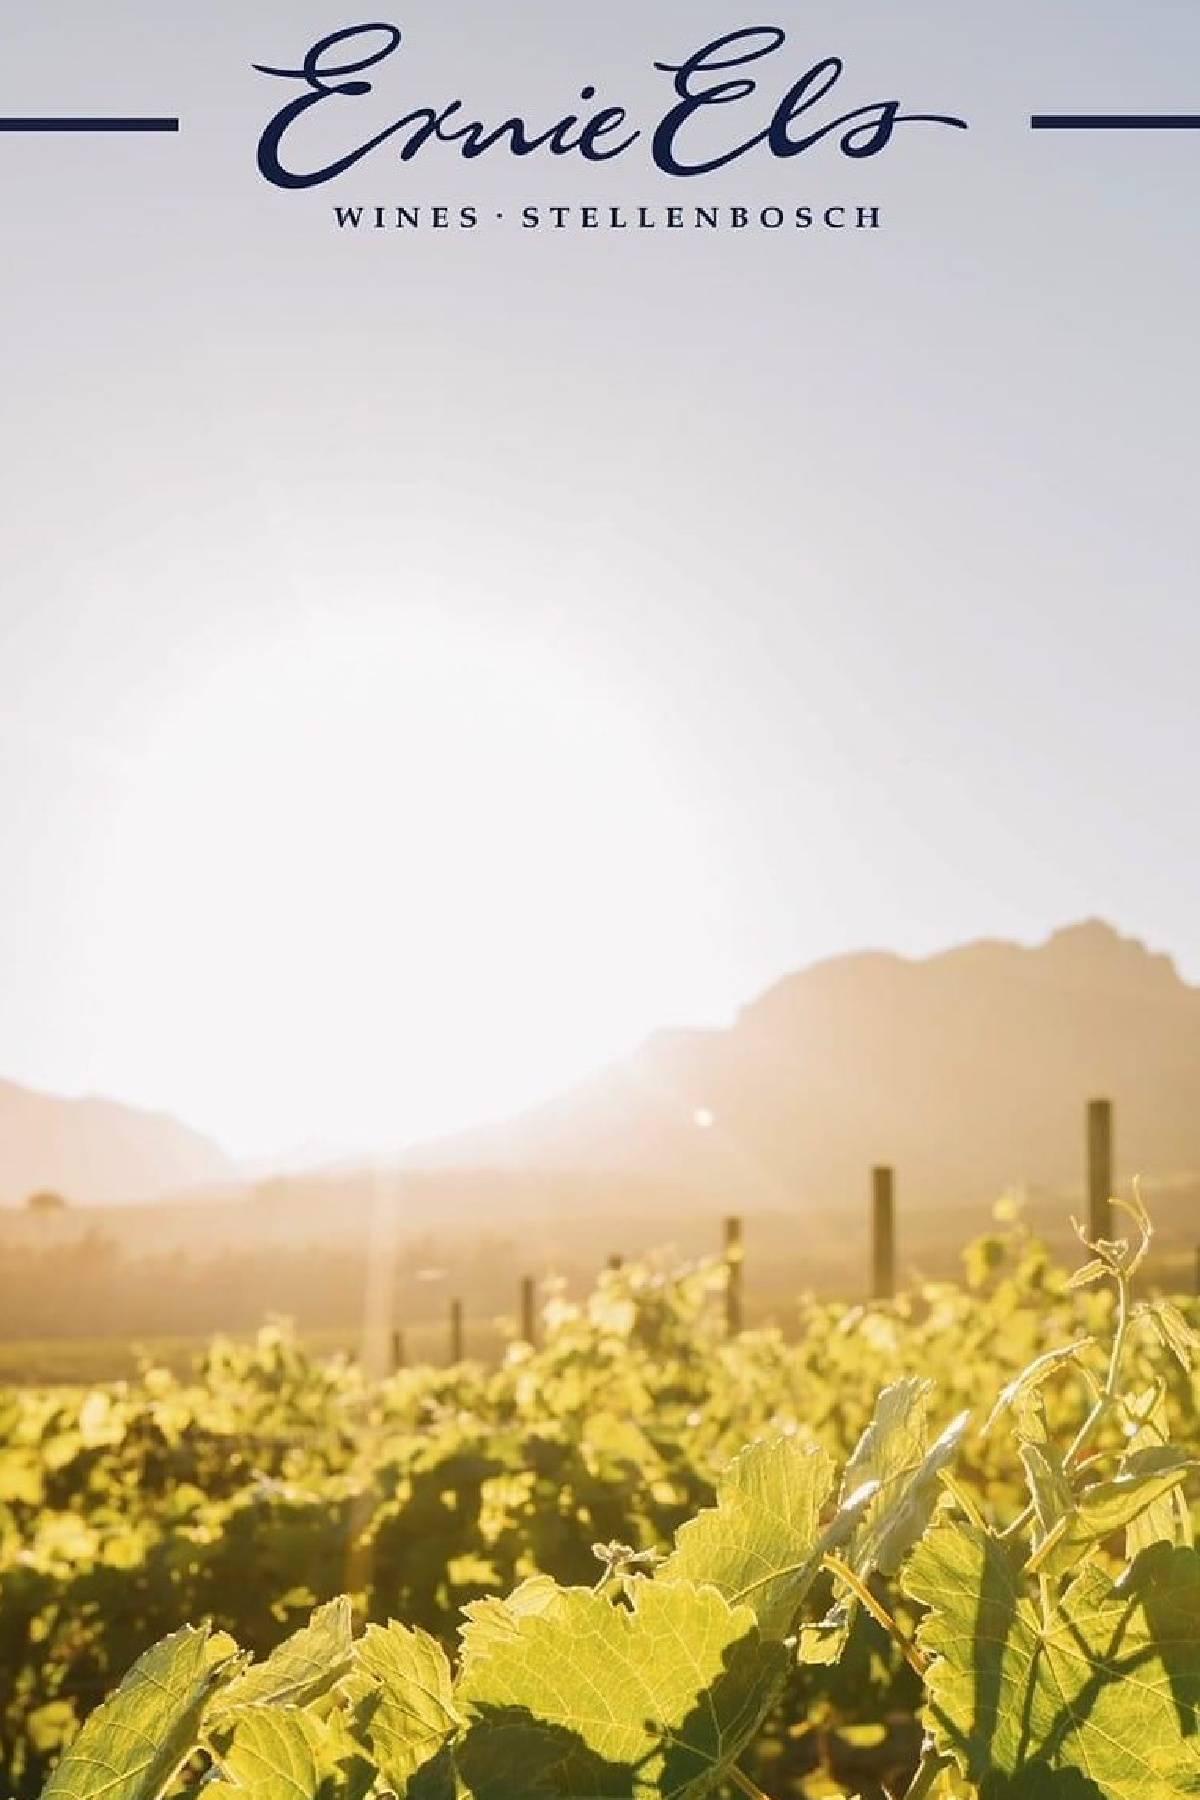 Ernie Els Wines Stellenbosch